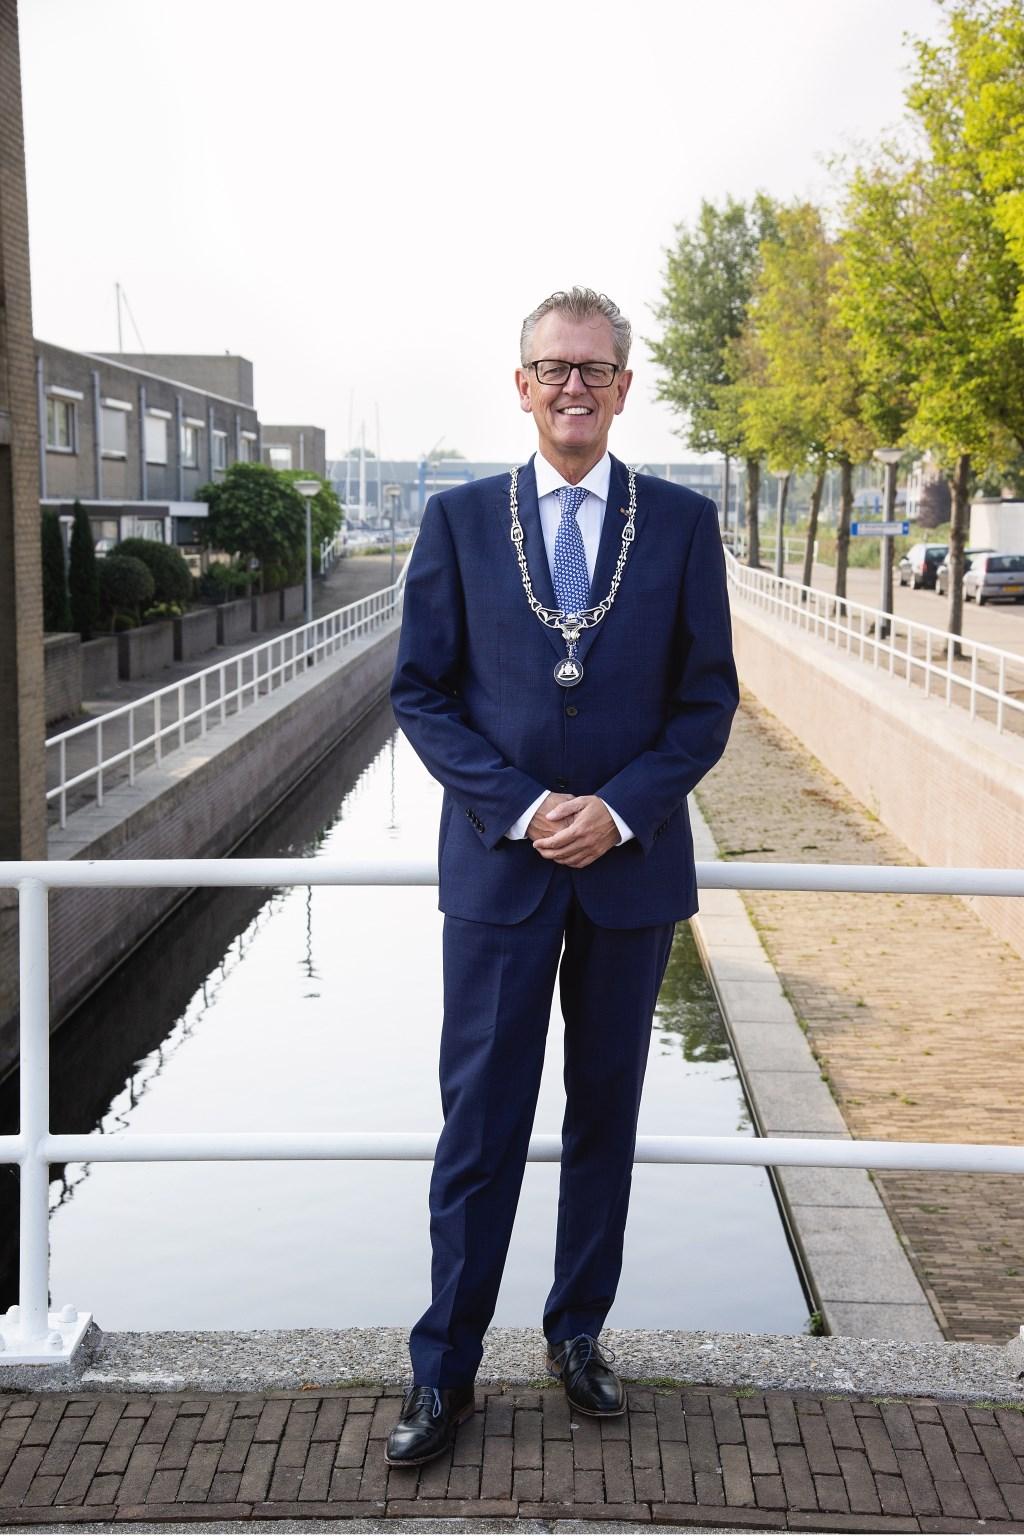 Burgemeester Gerrit Jan Gorter van Zeewolde. Foto: Josette Alkema